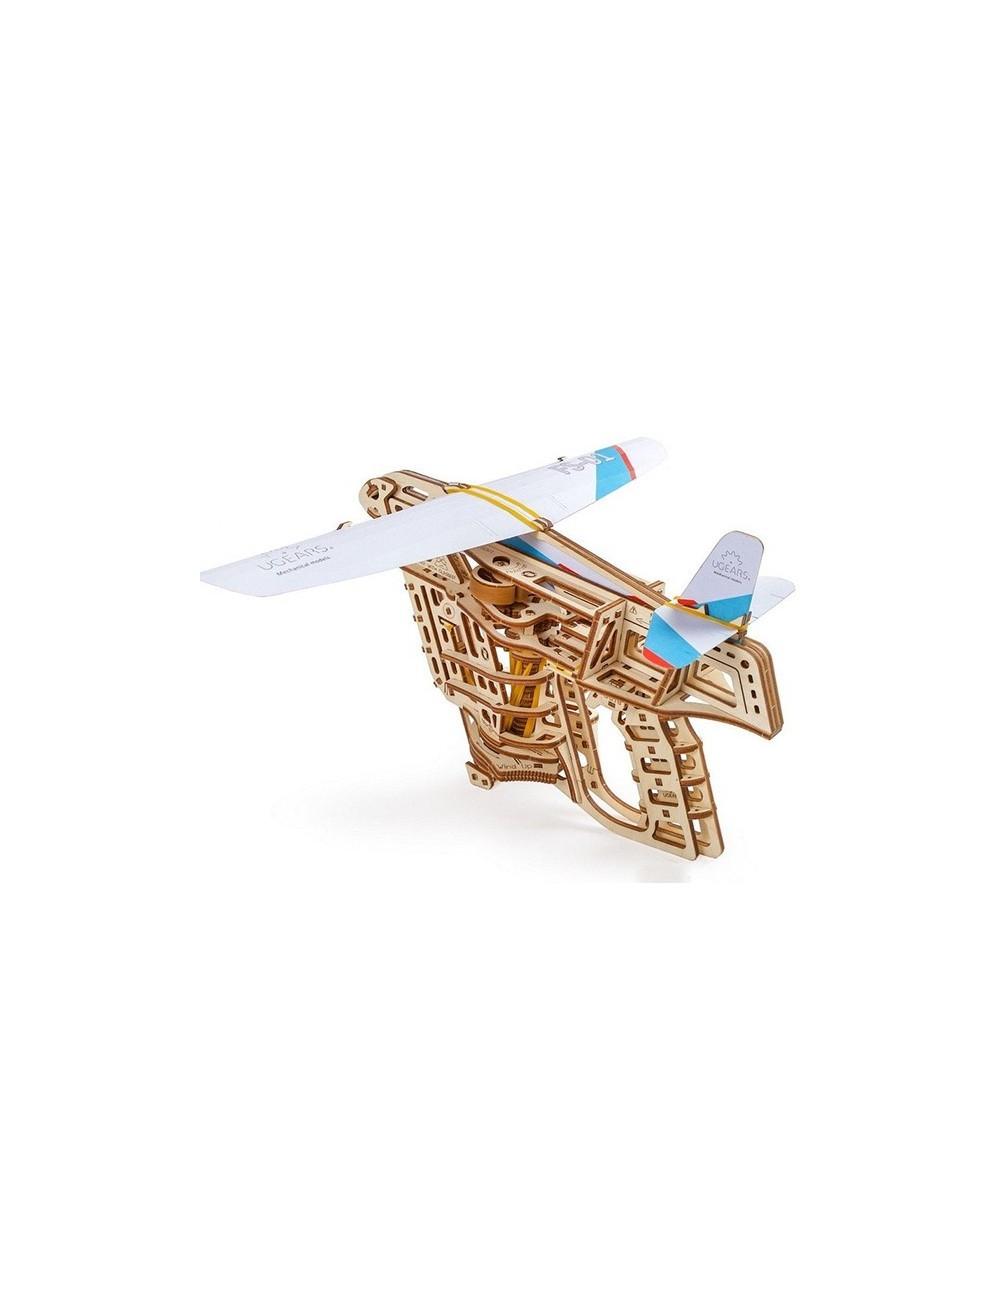 Lanza-aviones (Flight Starter)